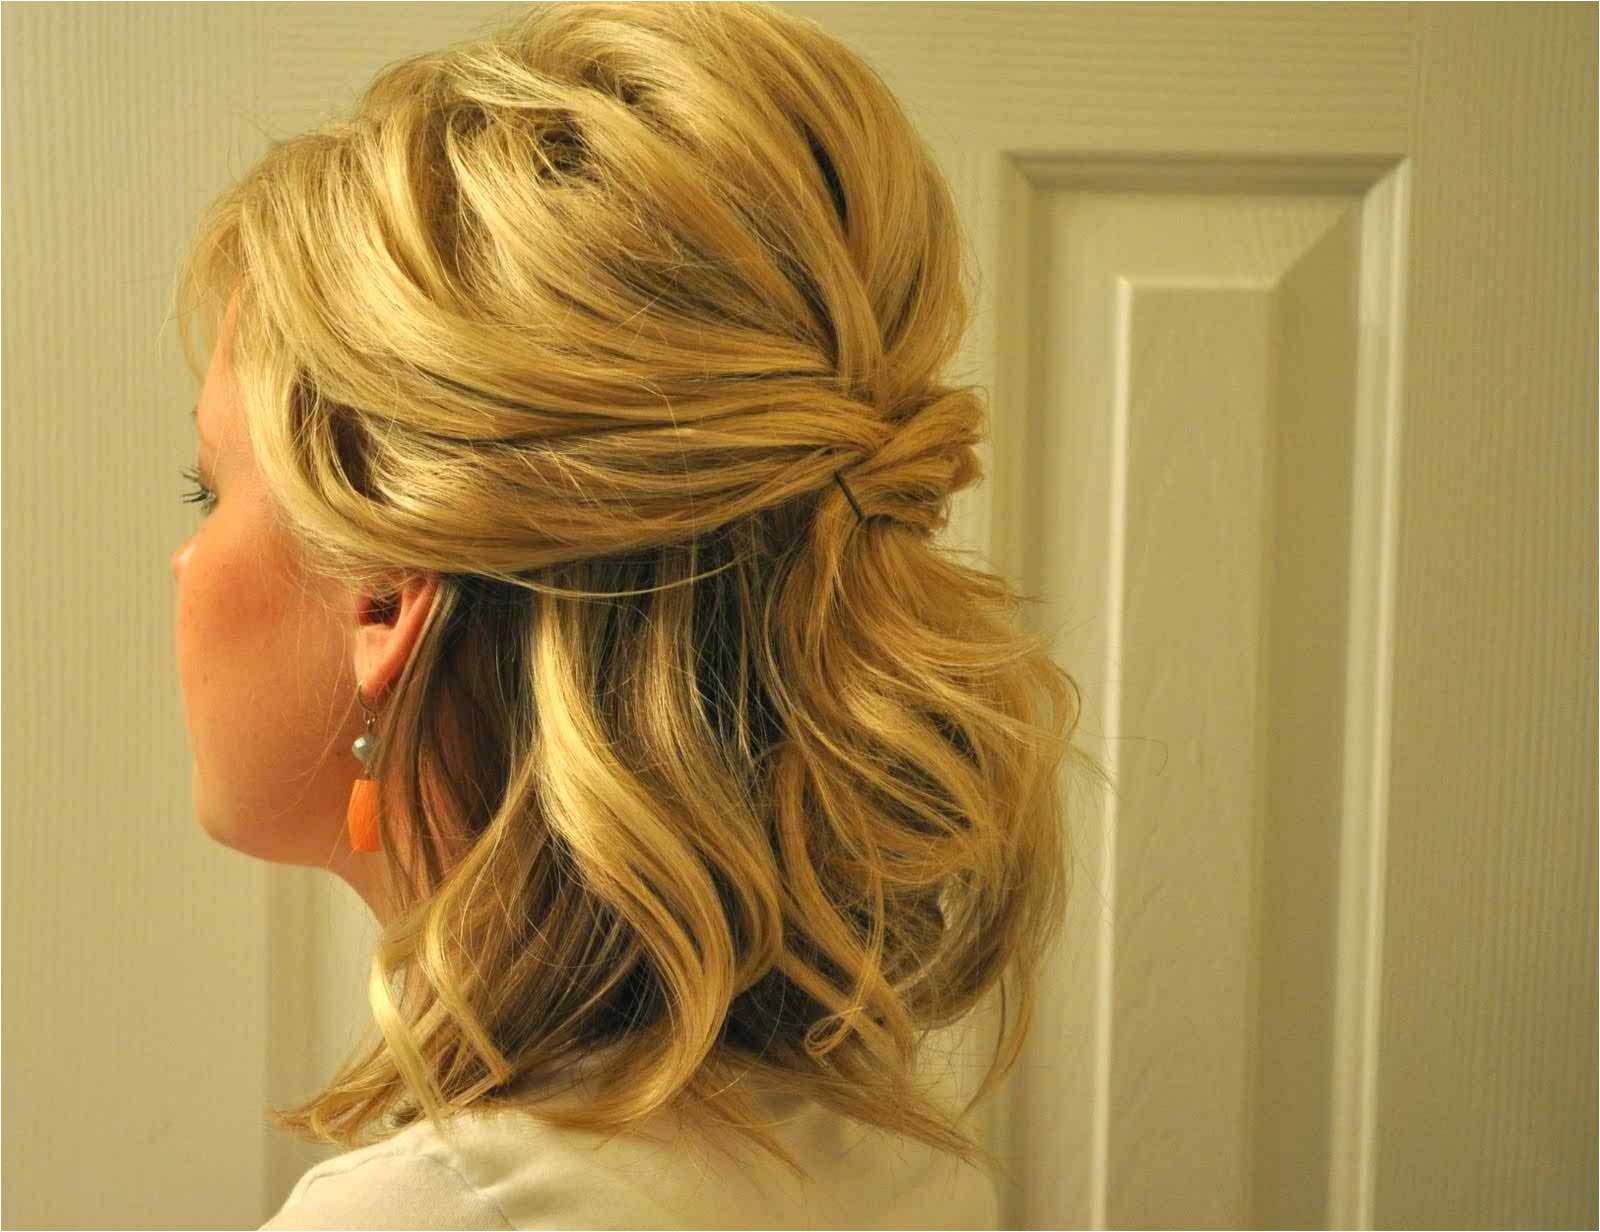 Cute Half Up Hairstyles for Short Hair Cute Prom Hairstyles Half Up Half Down for Long Hair